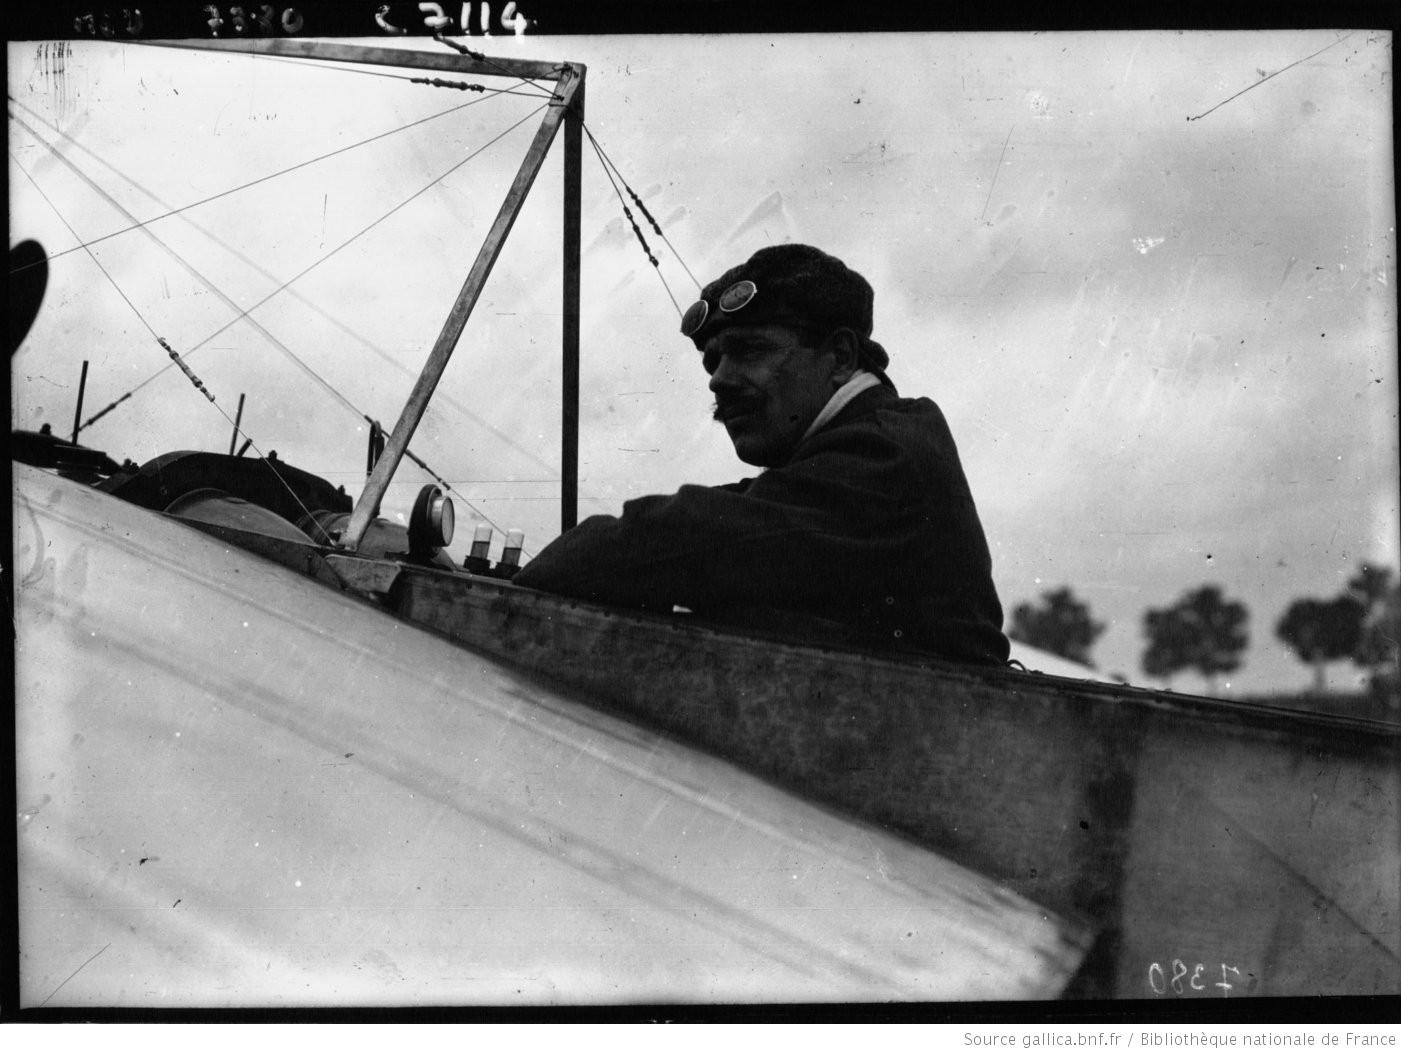 Jan Olieslagers, de 'Antwerpschen duivel', in 1910. Olieslagers maakte naam als wielrenner en motorracer, voor hij naar de vliegsport overstapte. Tijdens de oorlog was hij een van de succesvolste Belgische piloten. (Bibliothèque nationale de France)